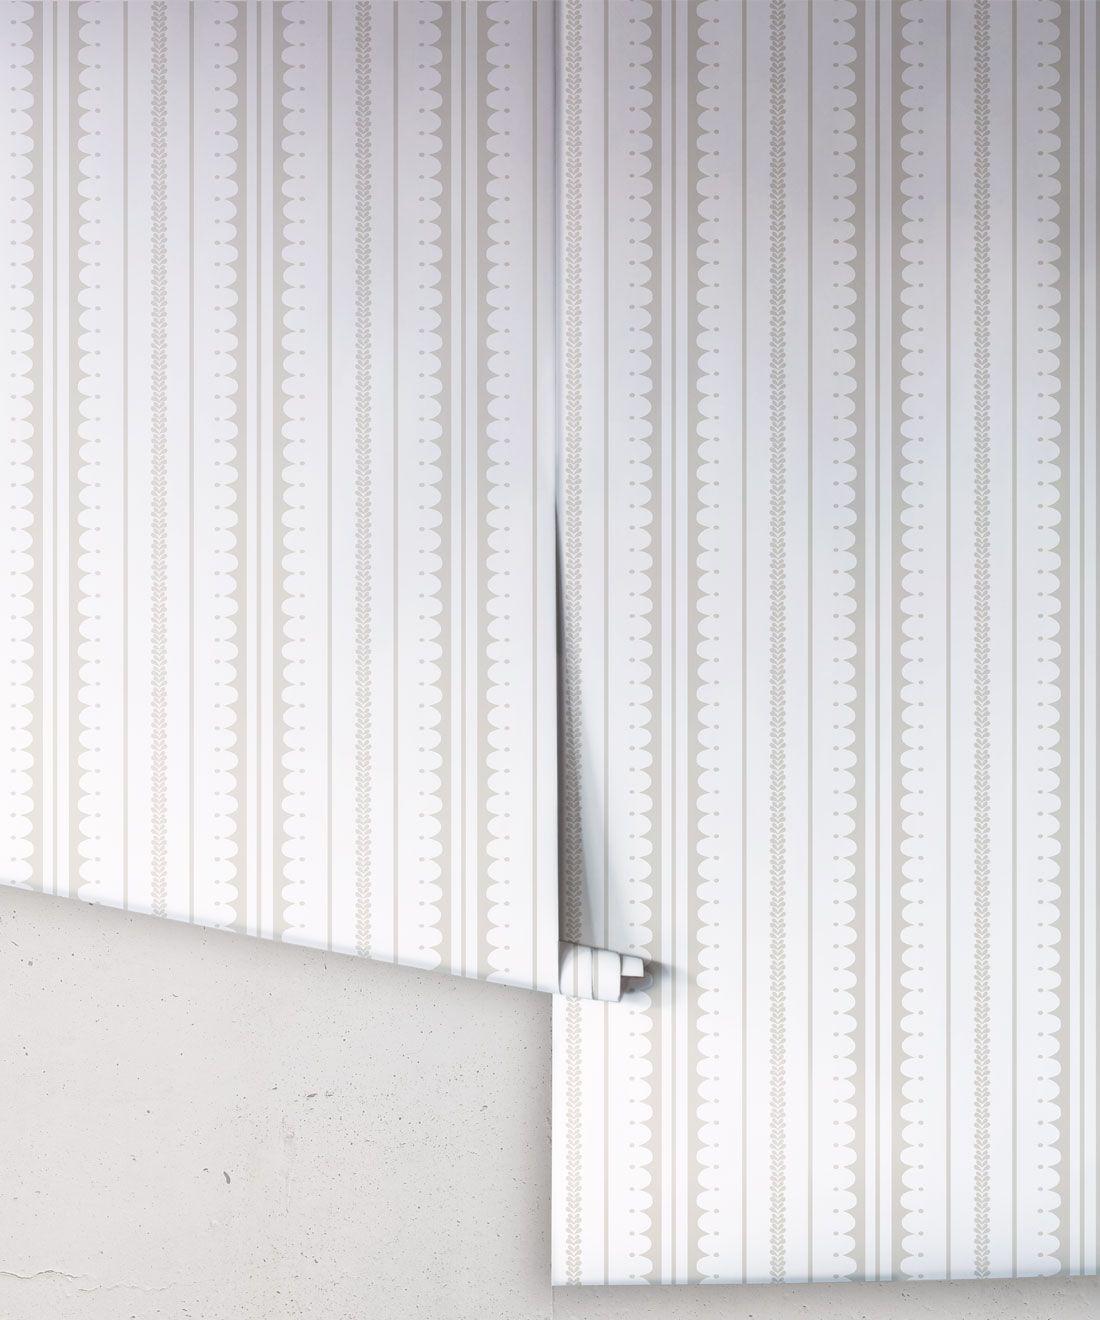 La Grand Coquille • Stripe and Scallop Wallpaper • Beige • Rolls